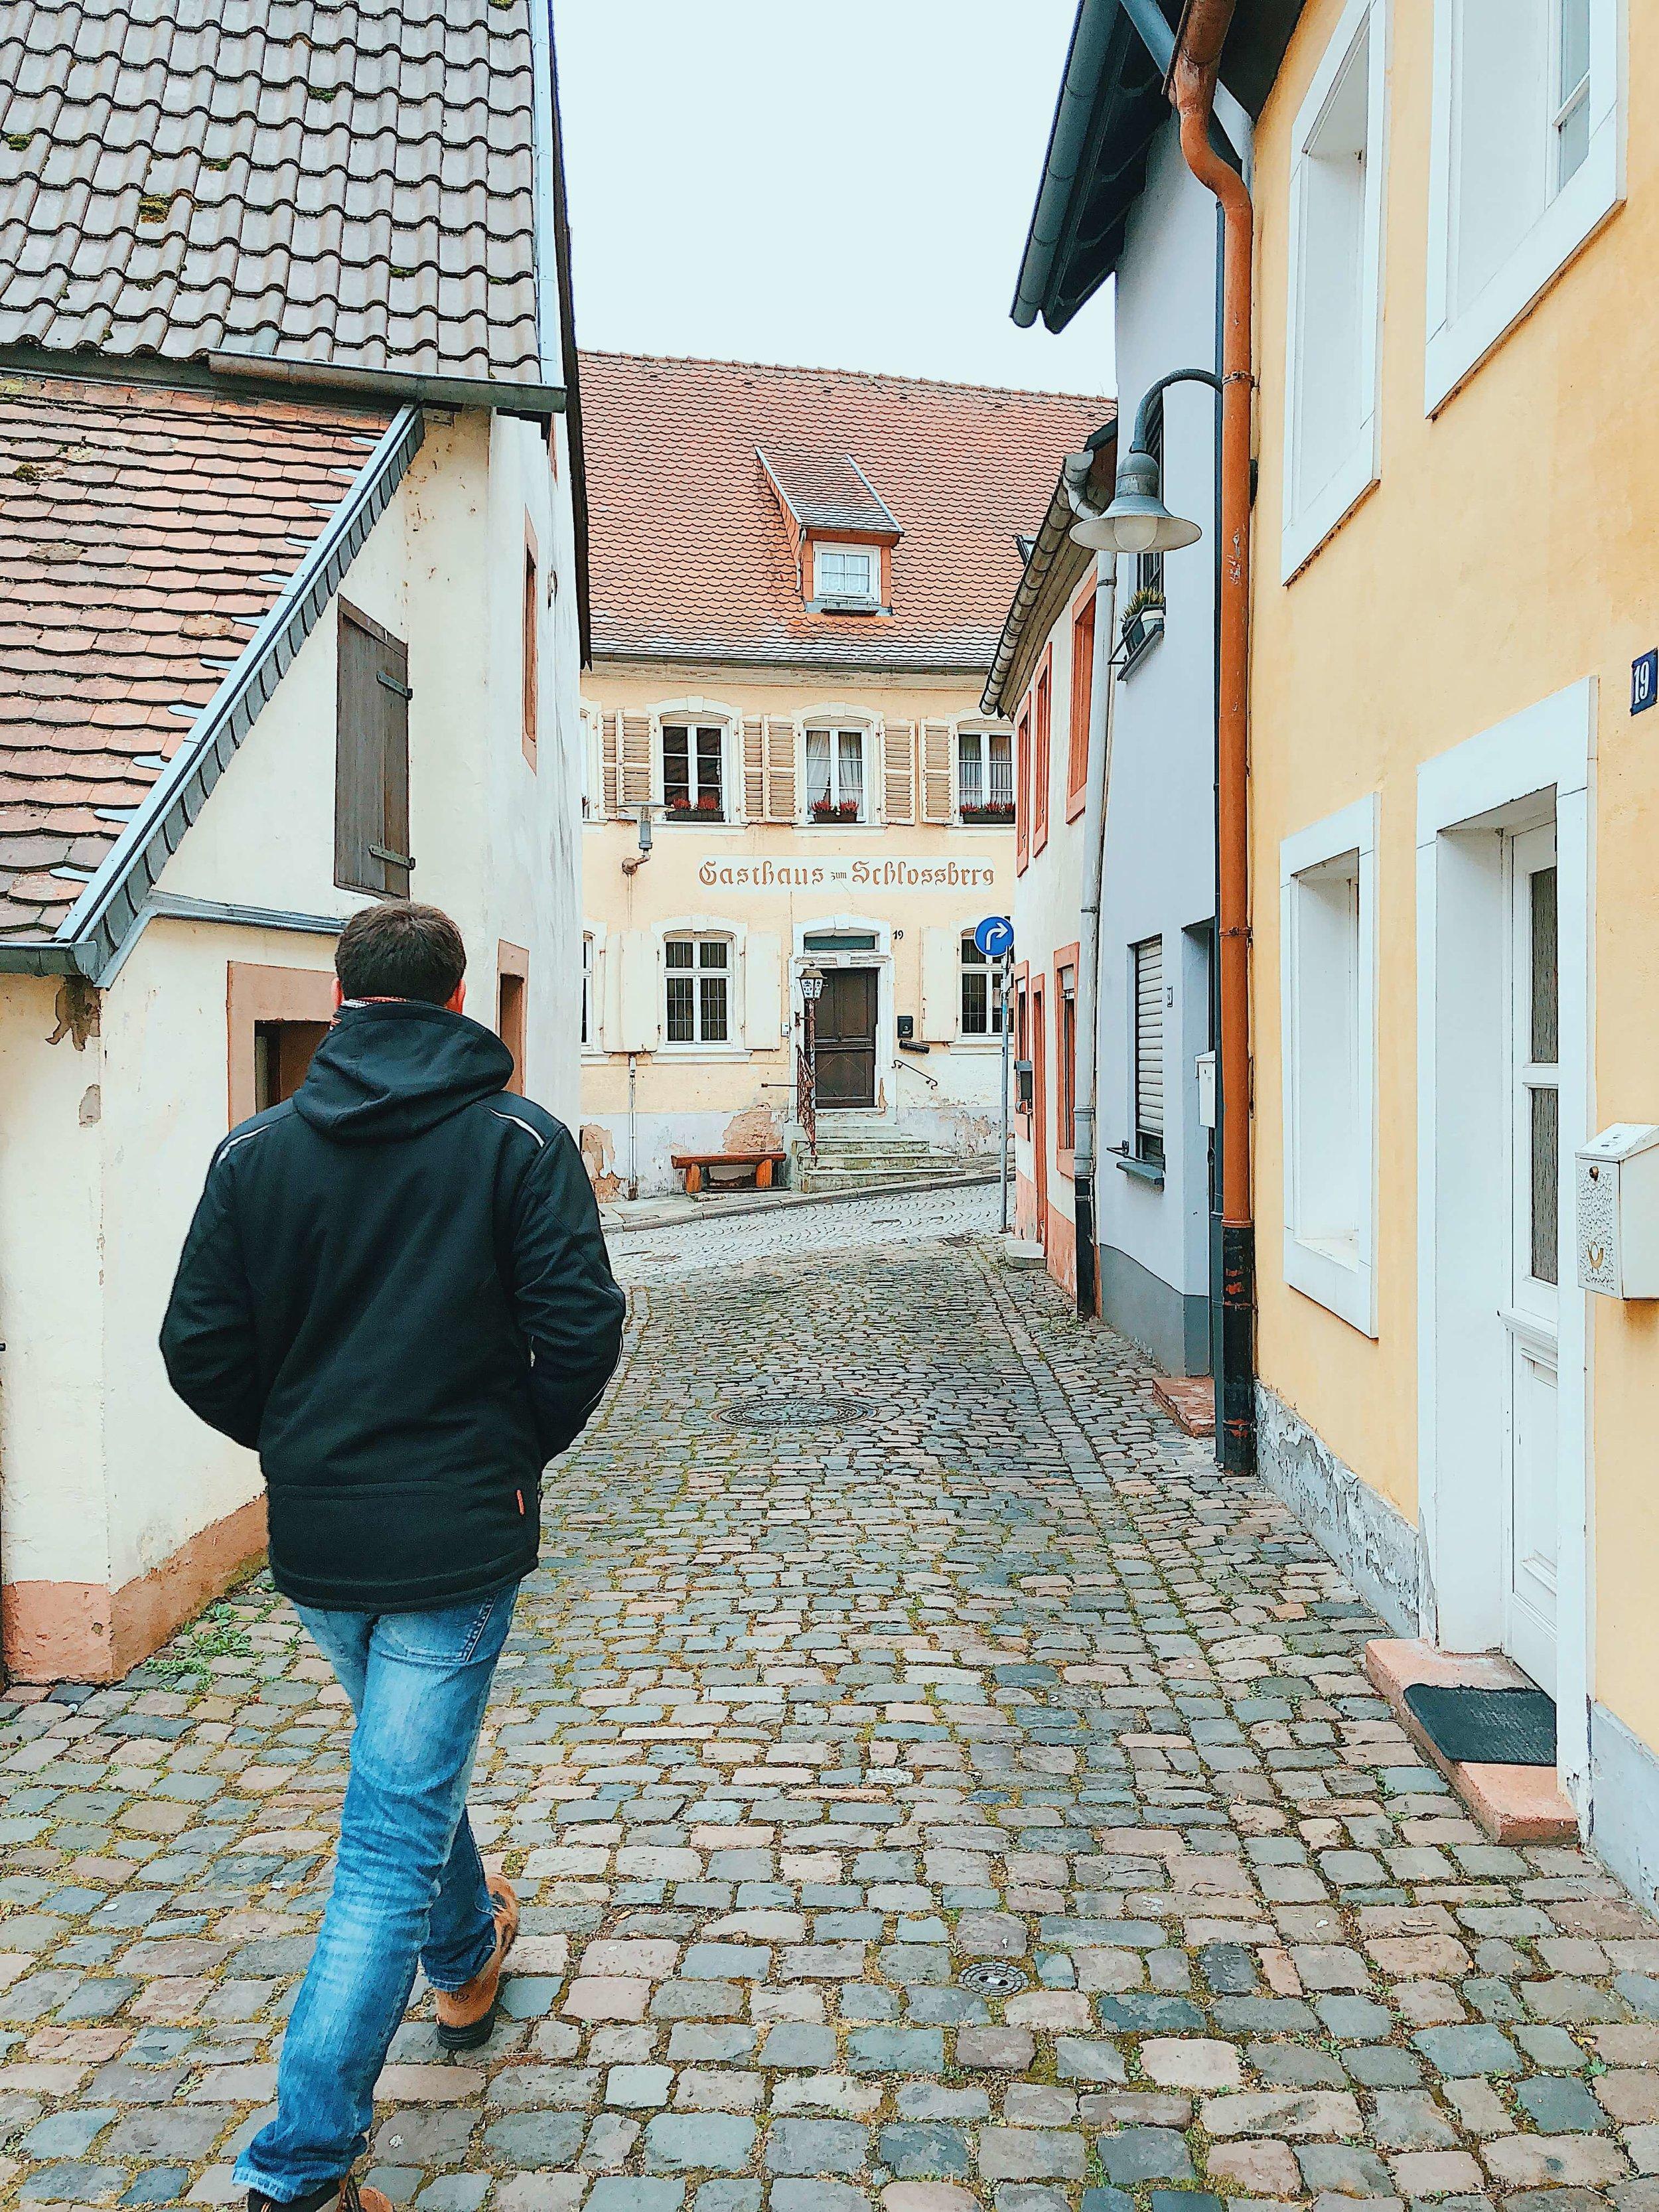 Bxieskastel - Die Toskana des Saarlands